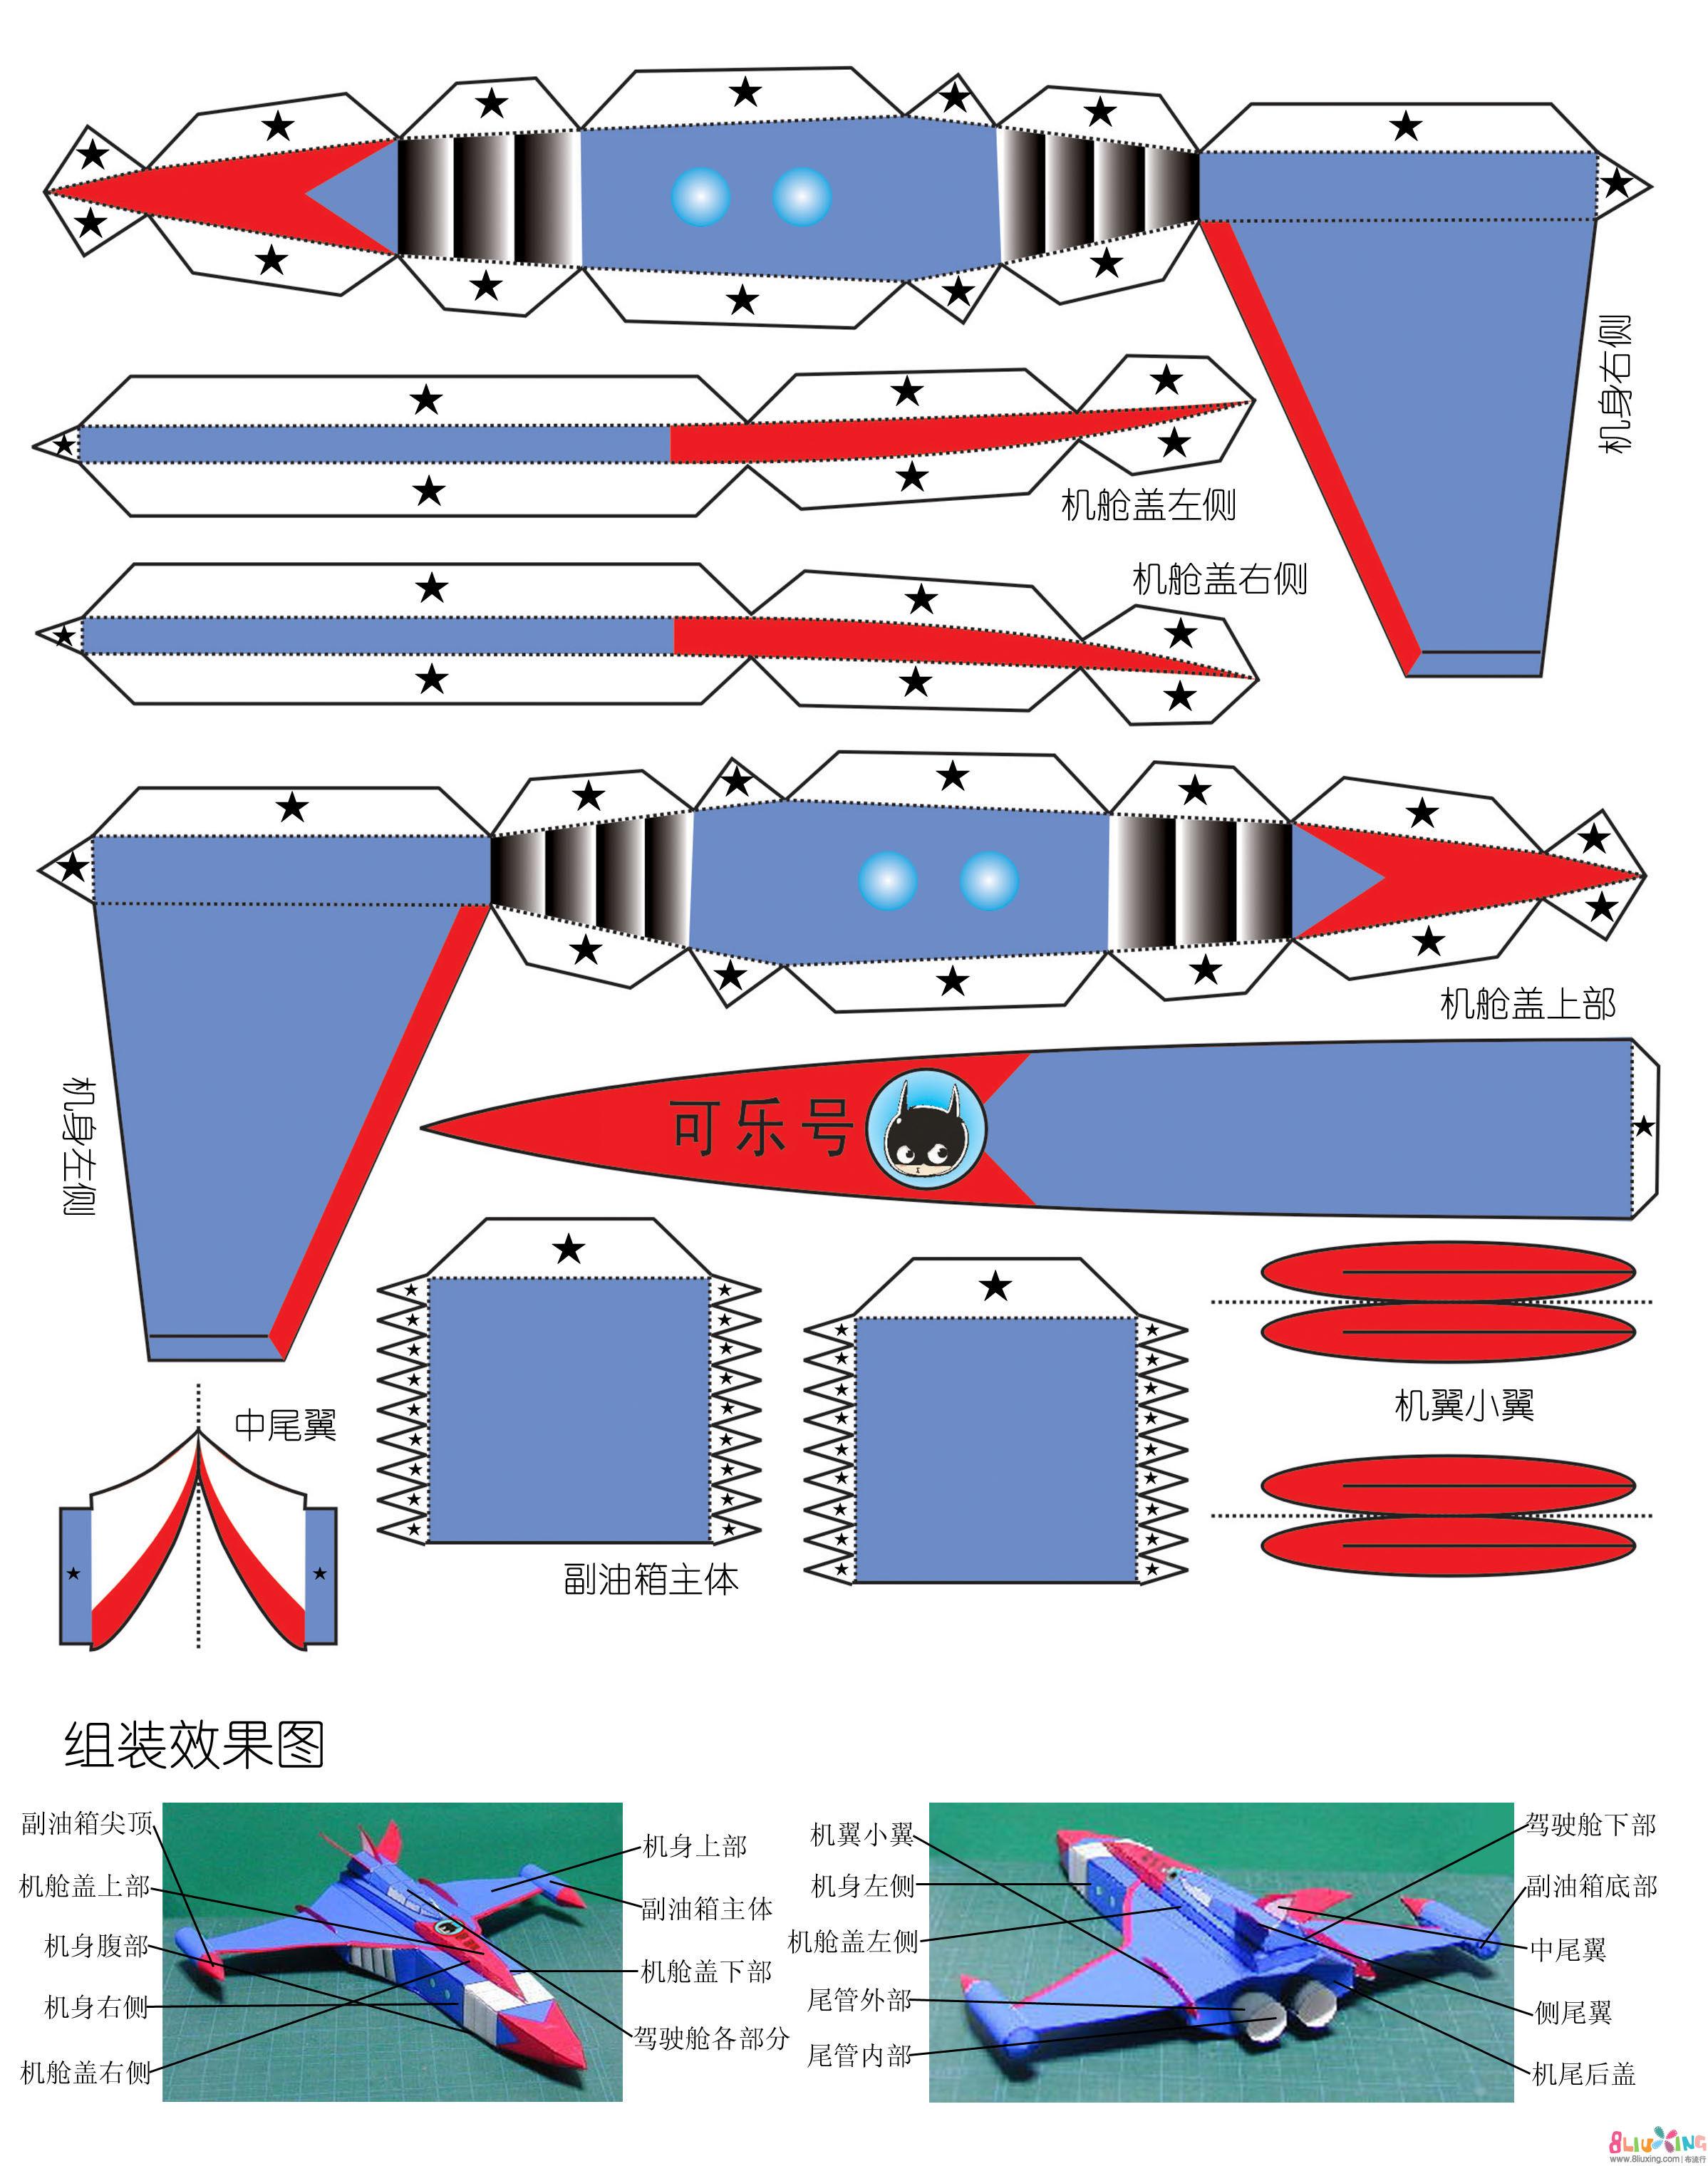 飞机纸模型图纸下载展示